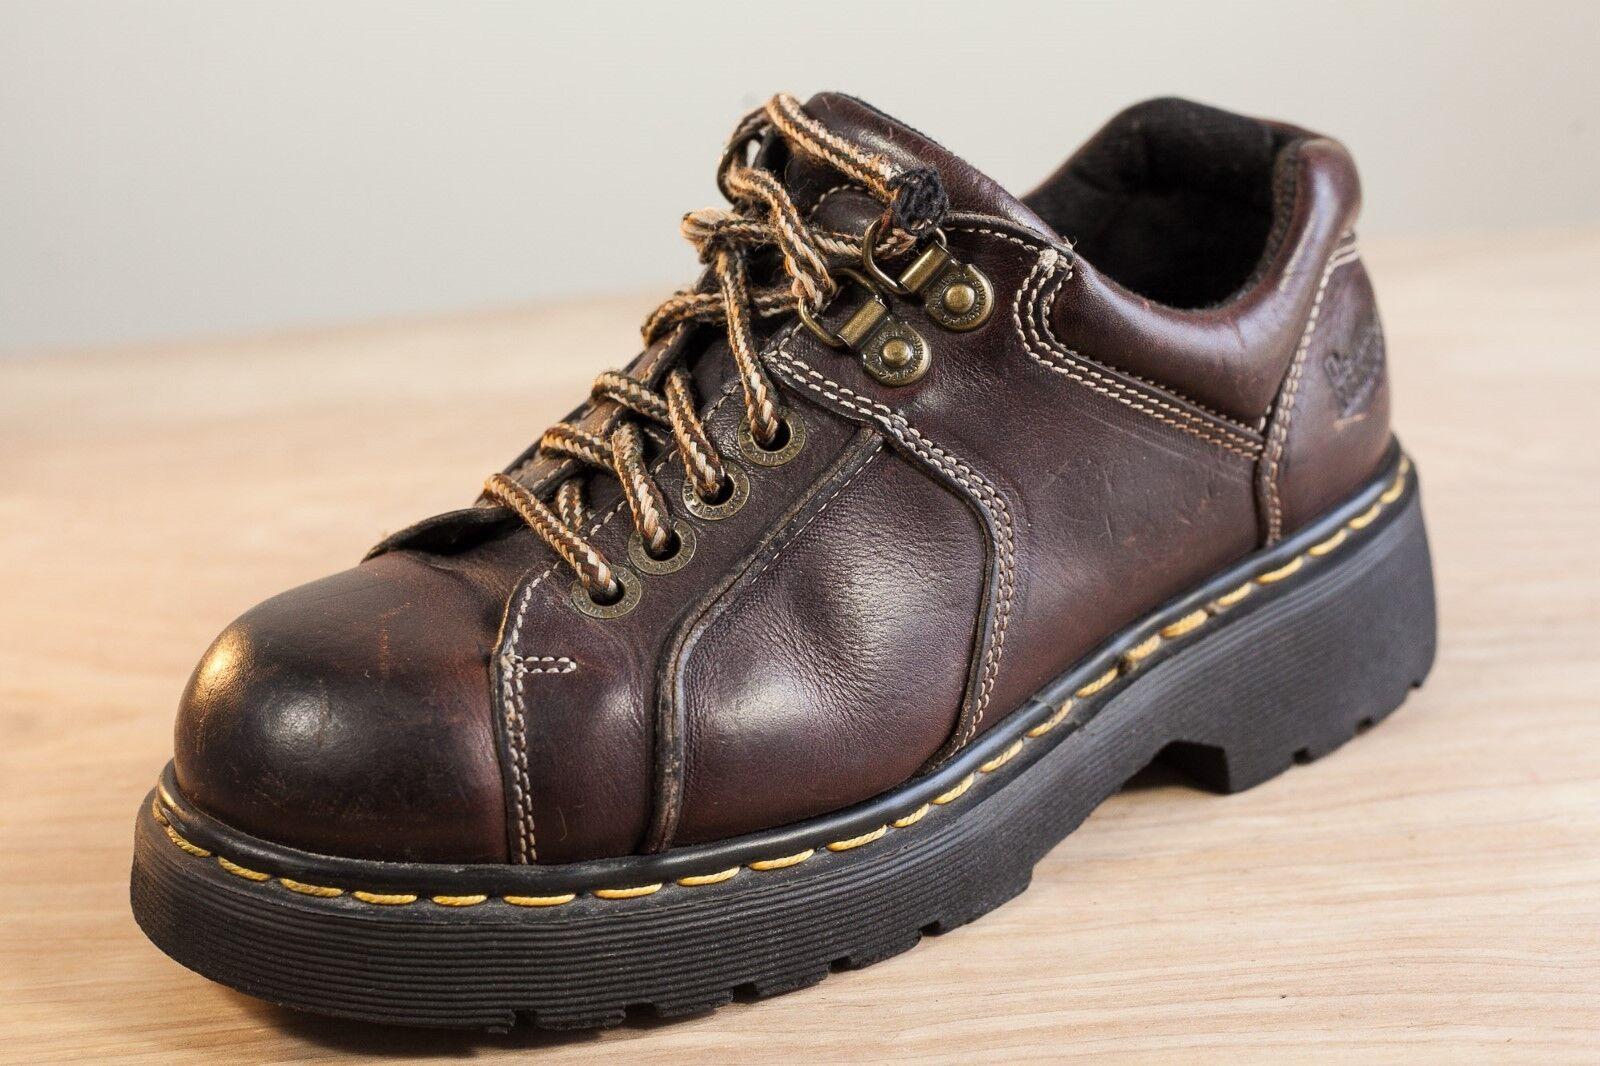 Dr Martens 6 Braun Oxfords  Vintage Uomo Leder Schuhes 9351 Vintage  93d574